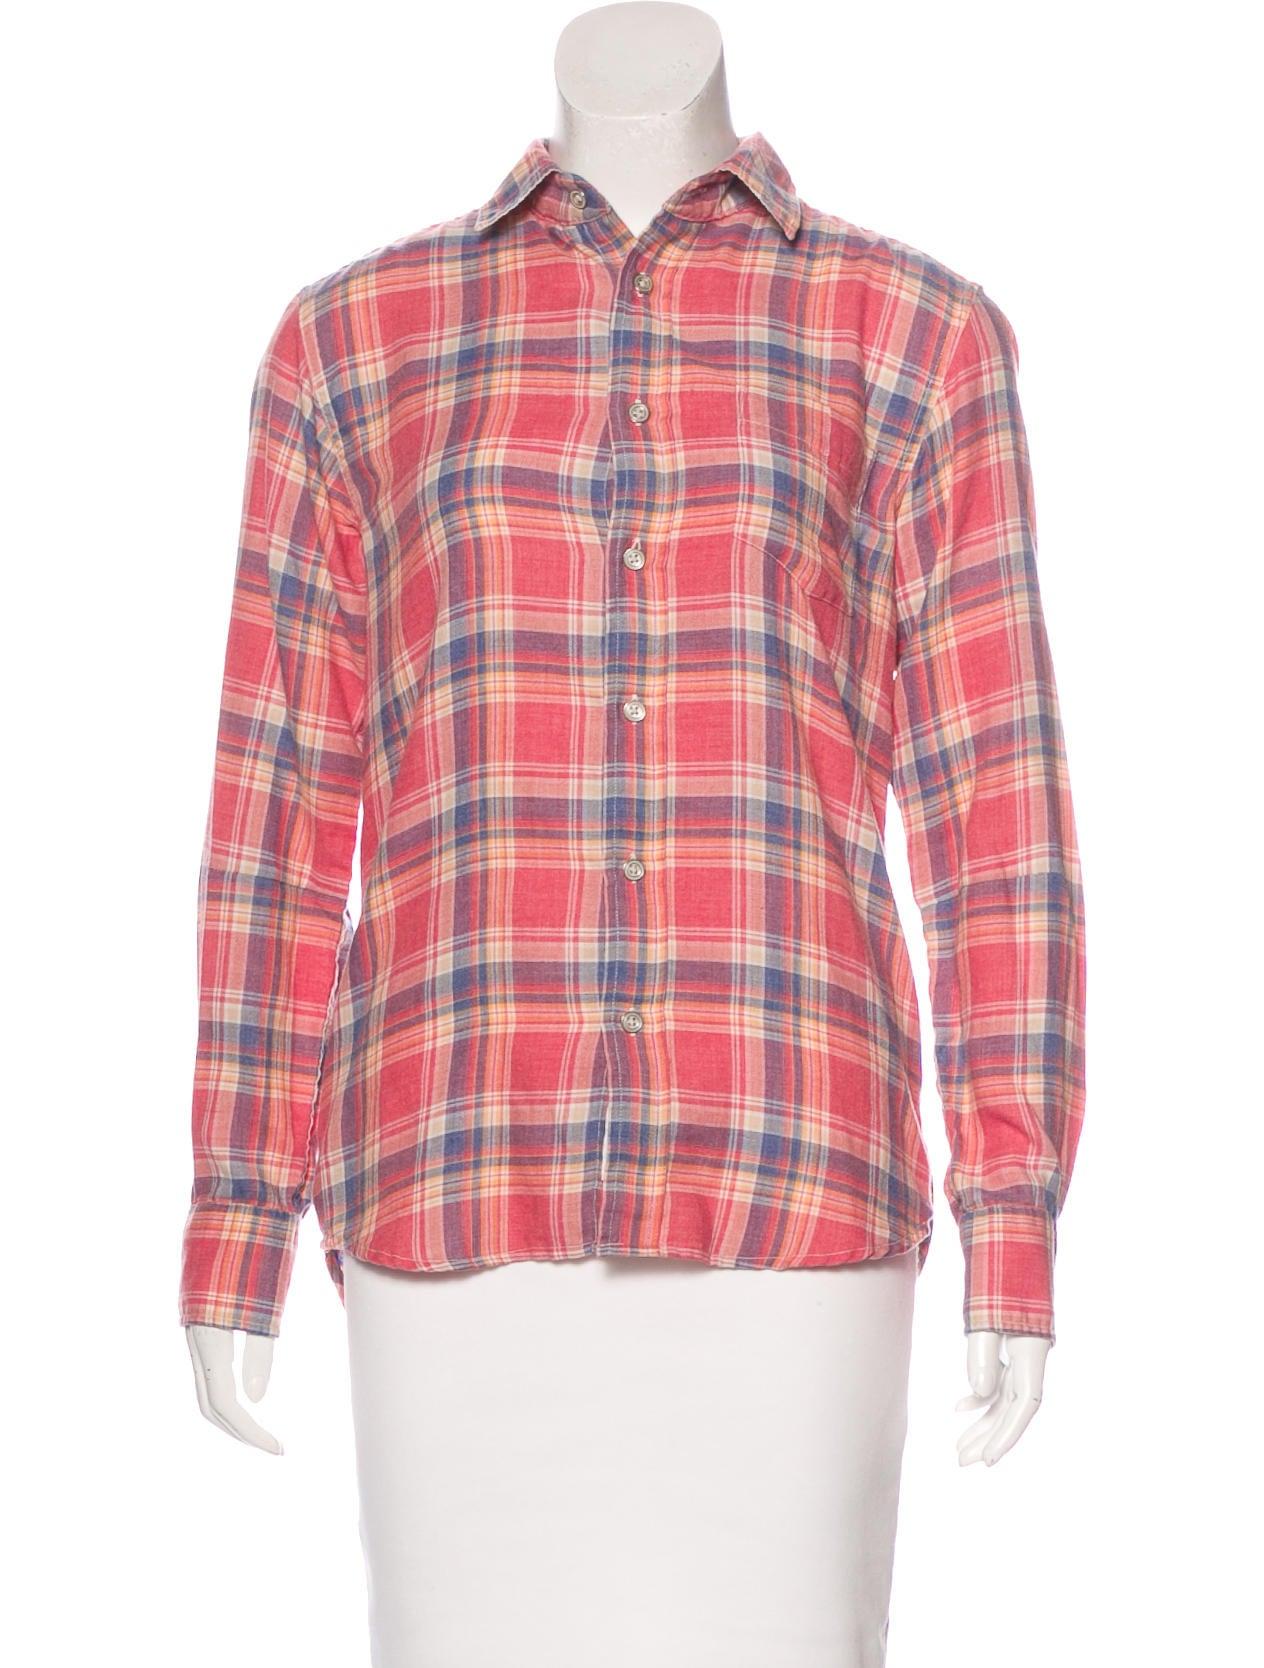 Rag bone plaid button up shirt clothing wragb69381 for Rag bone shirt